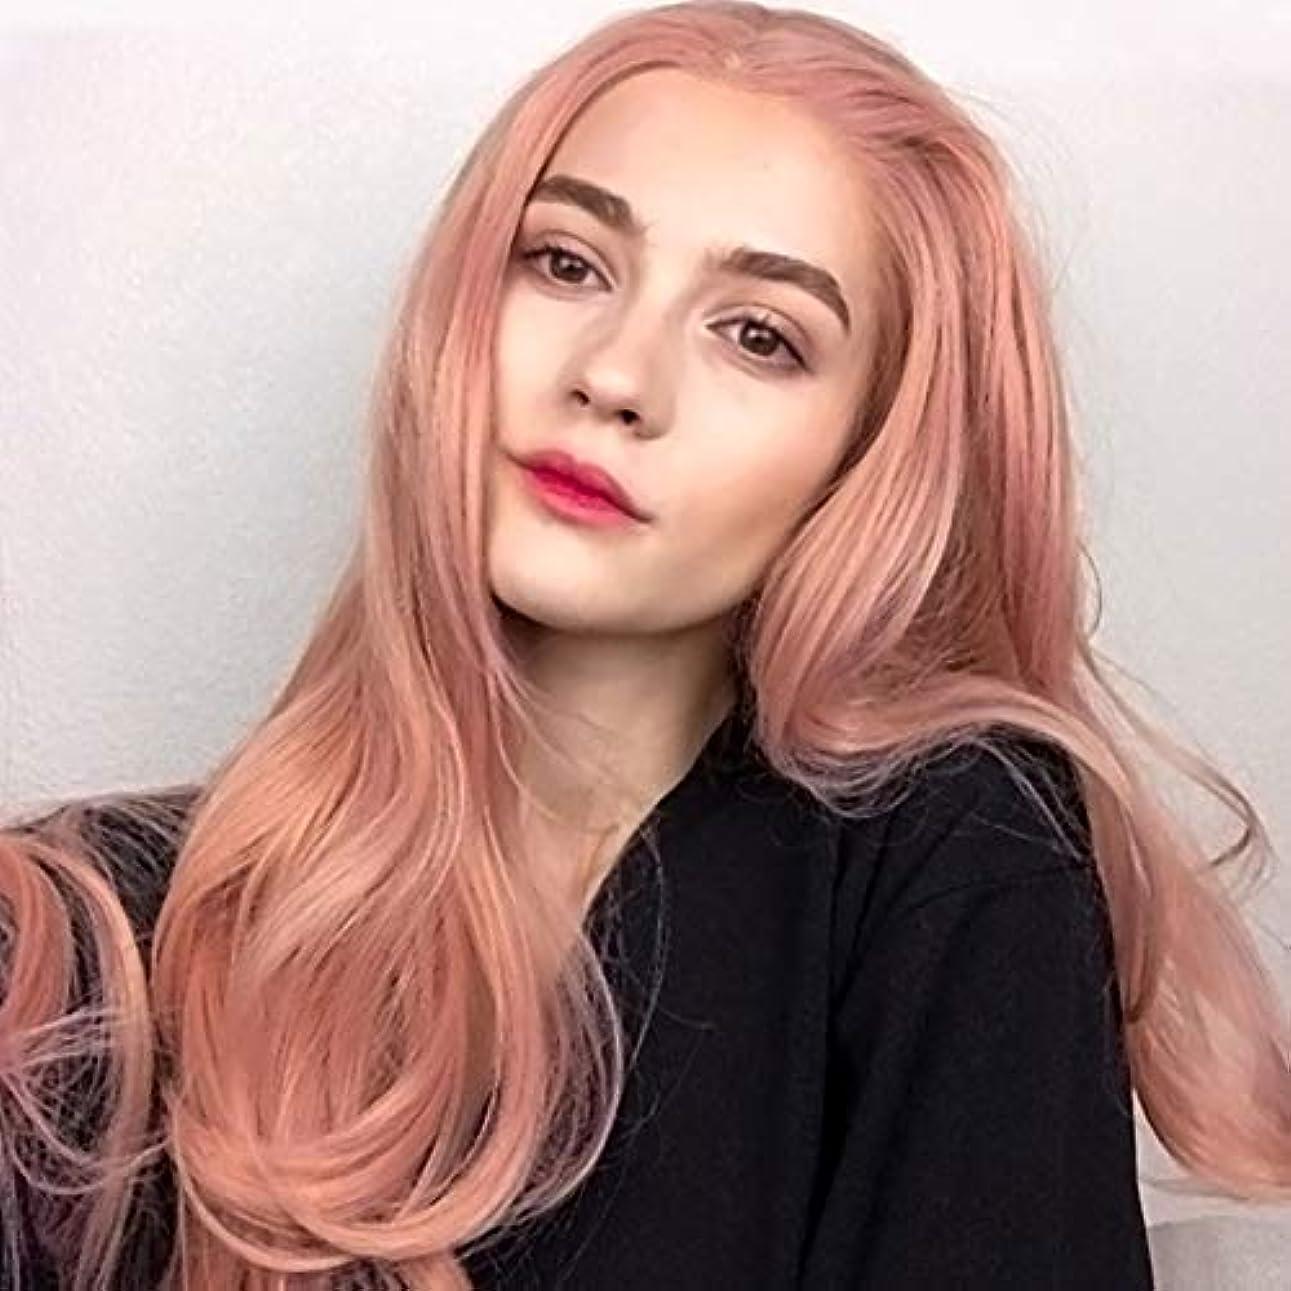 職業定常バンガロー高温ワイヤー耐熱合成繊維完全手織り波状層状かつら髪密度と合成フロントレースかつら女性用150%(26インチ、ピンク)